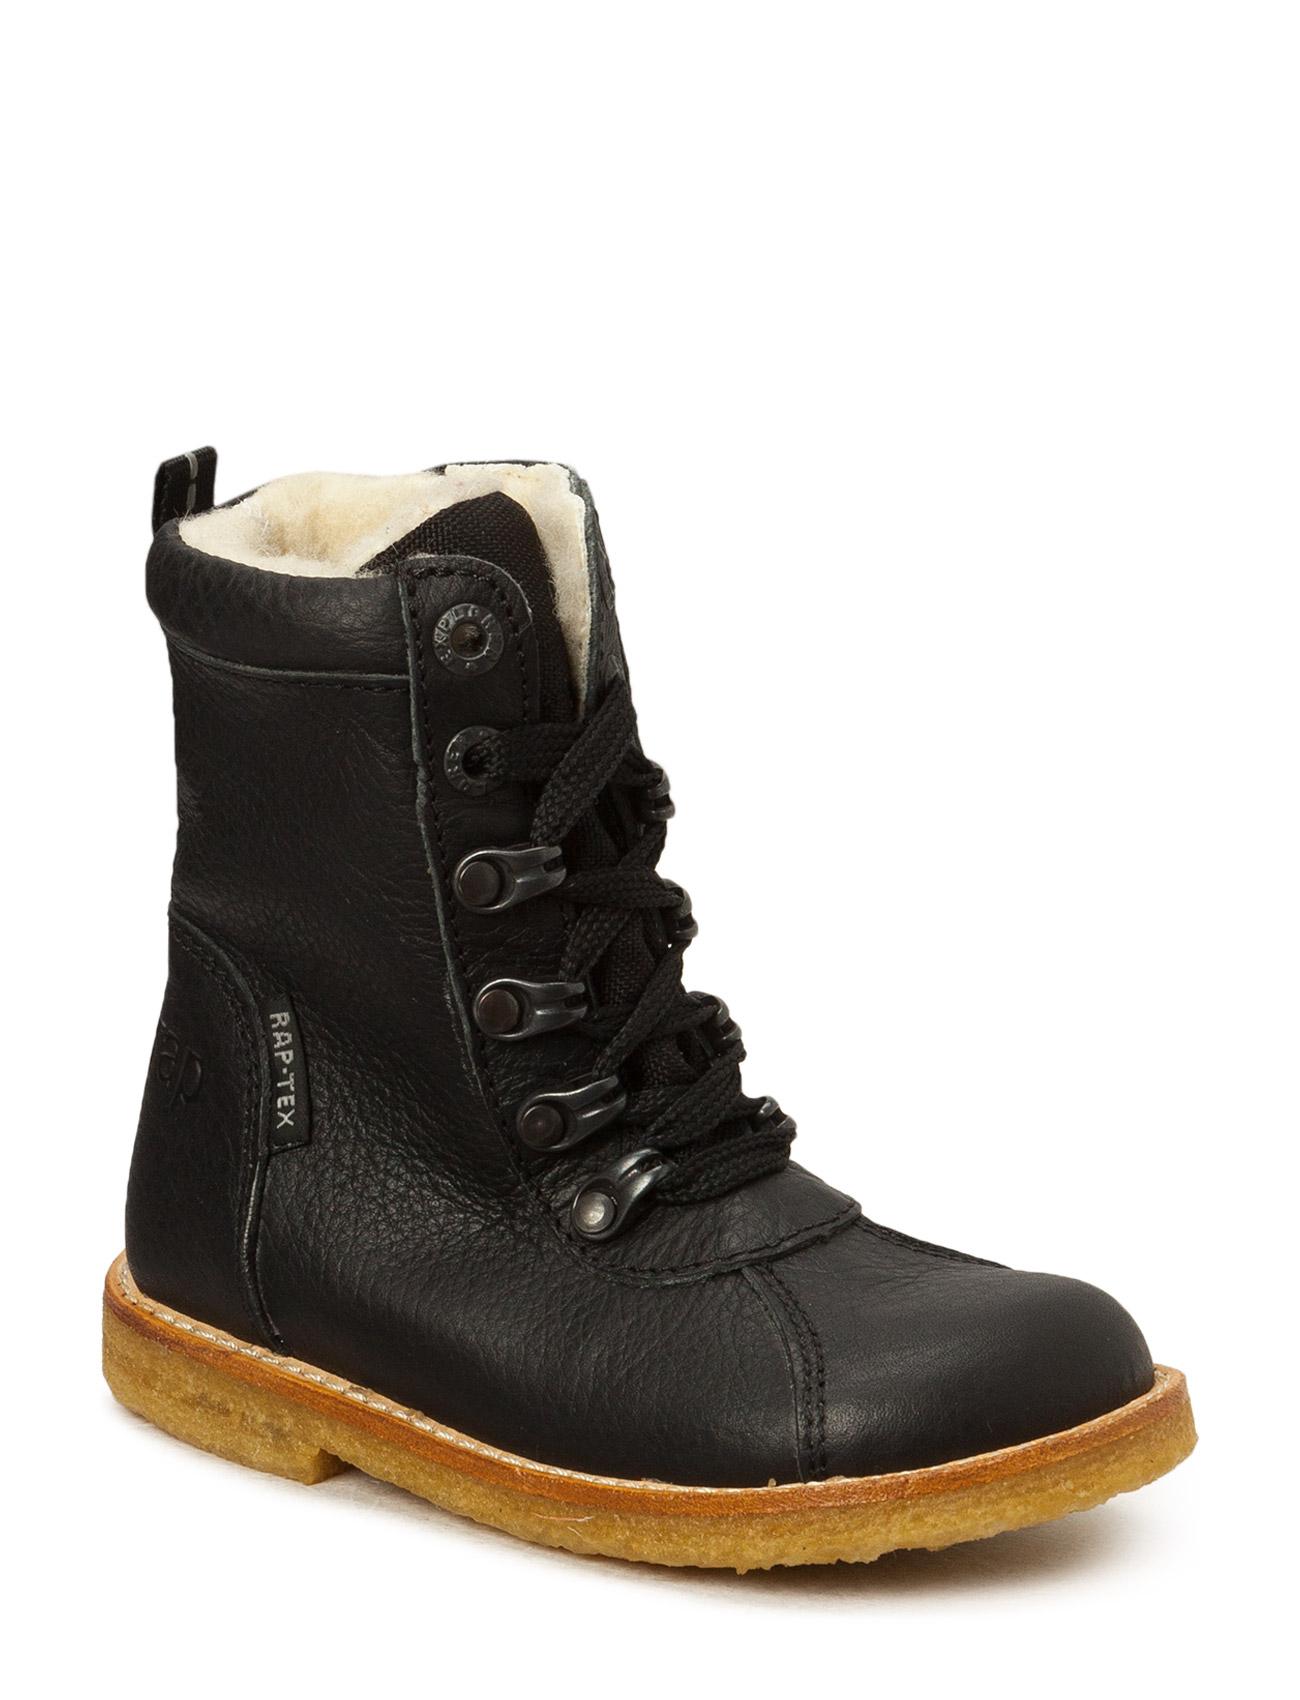 243c5cb9d7c8 Shop Ecological Water Proof Low Boot Arauto RAP Støvler i Sort til Børn fra  Boozt.dk